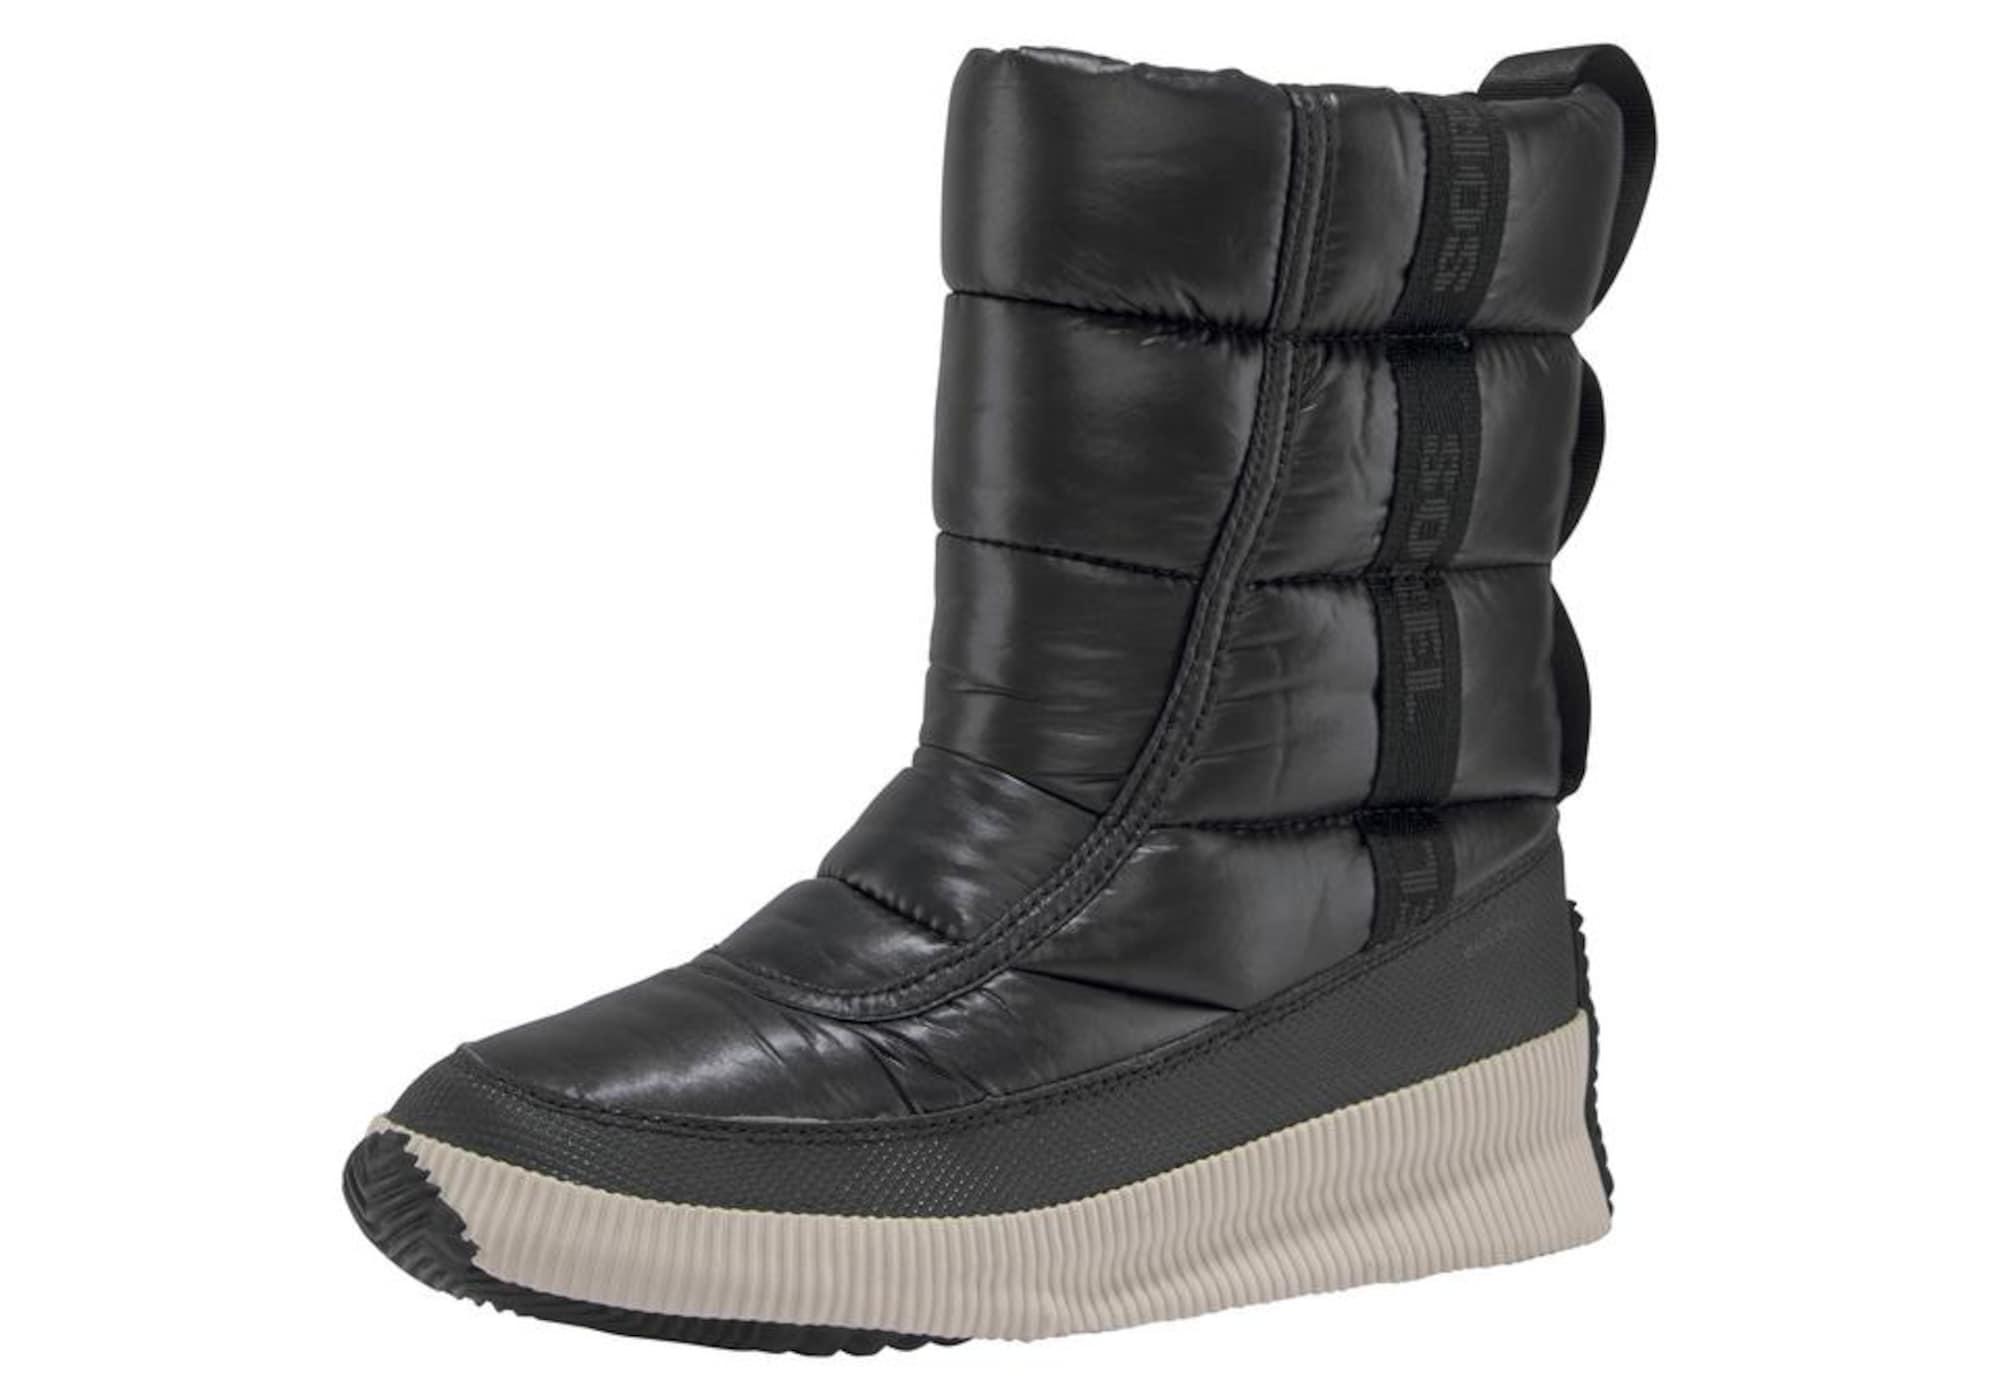 Schlupfboots | Schuhe > Boots > Sonstige Boots | Schwarz | Sorel